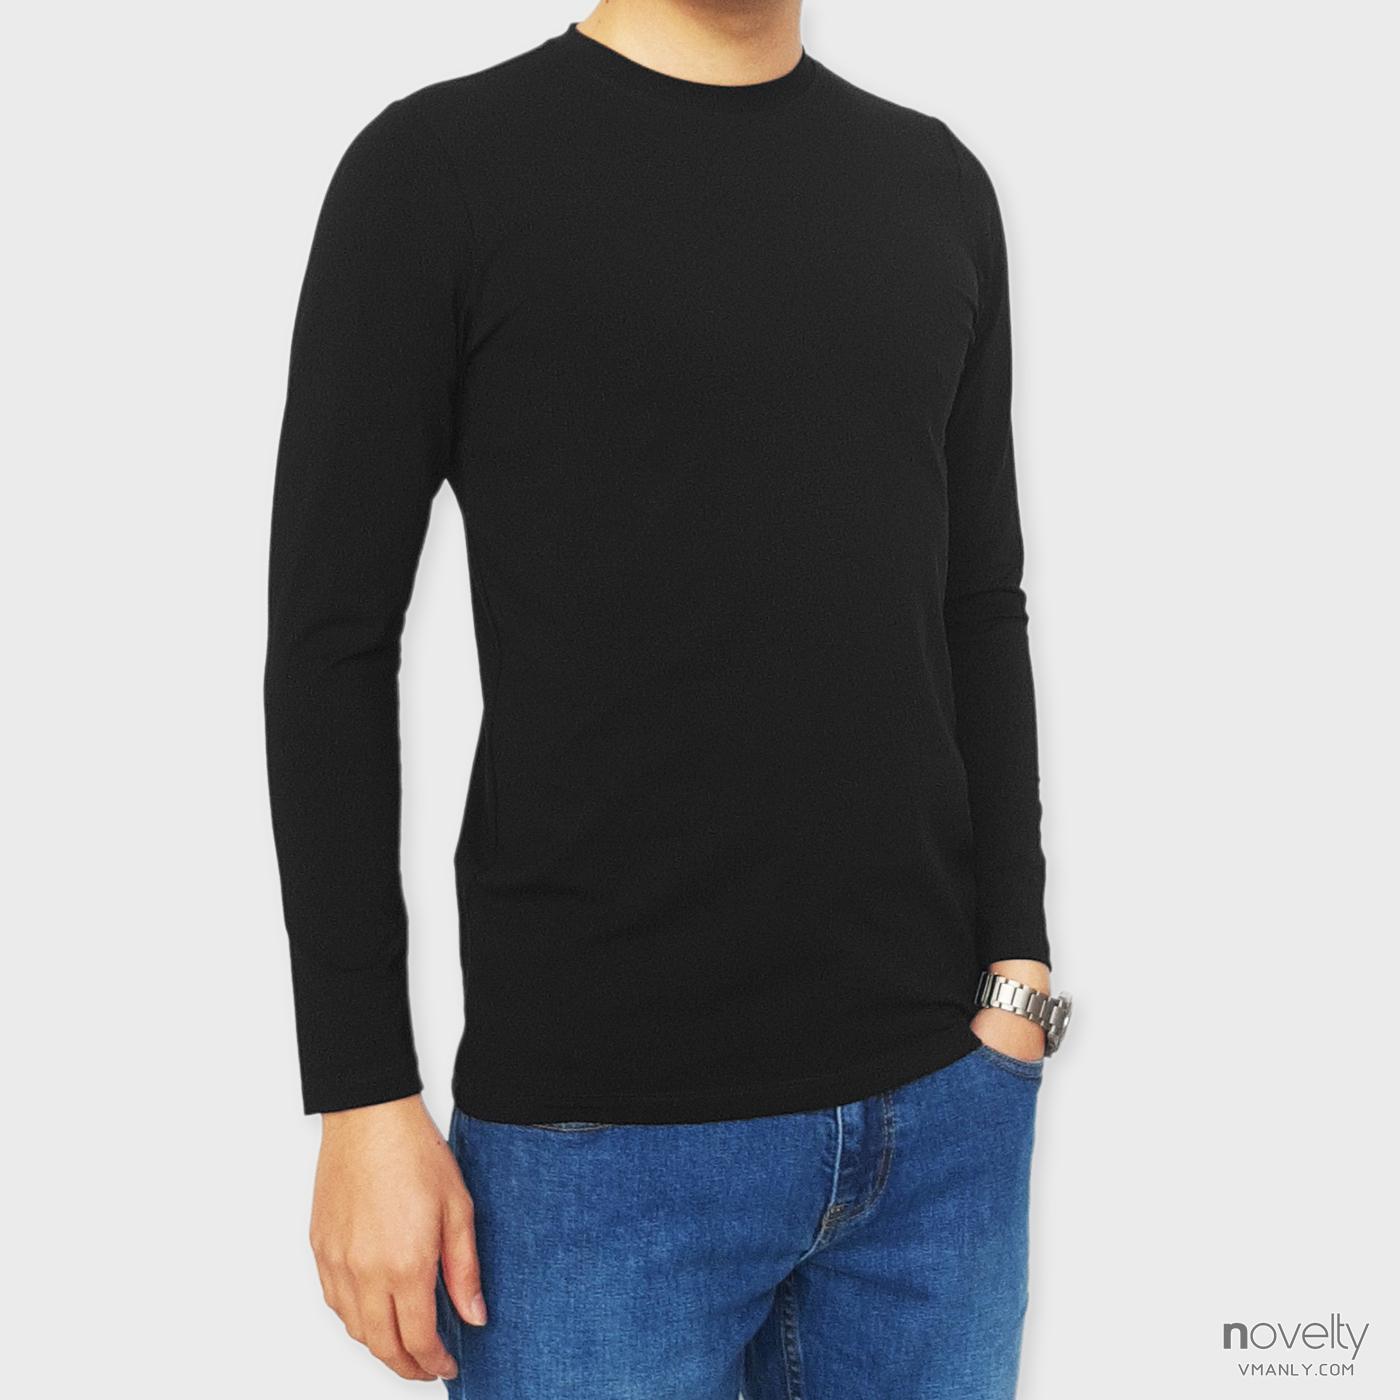 Áo thun dài tay - áo giữ nhiệt Novelty cổ tròn màu đen 190762D